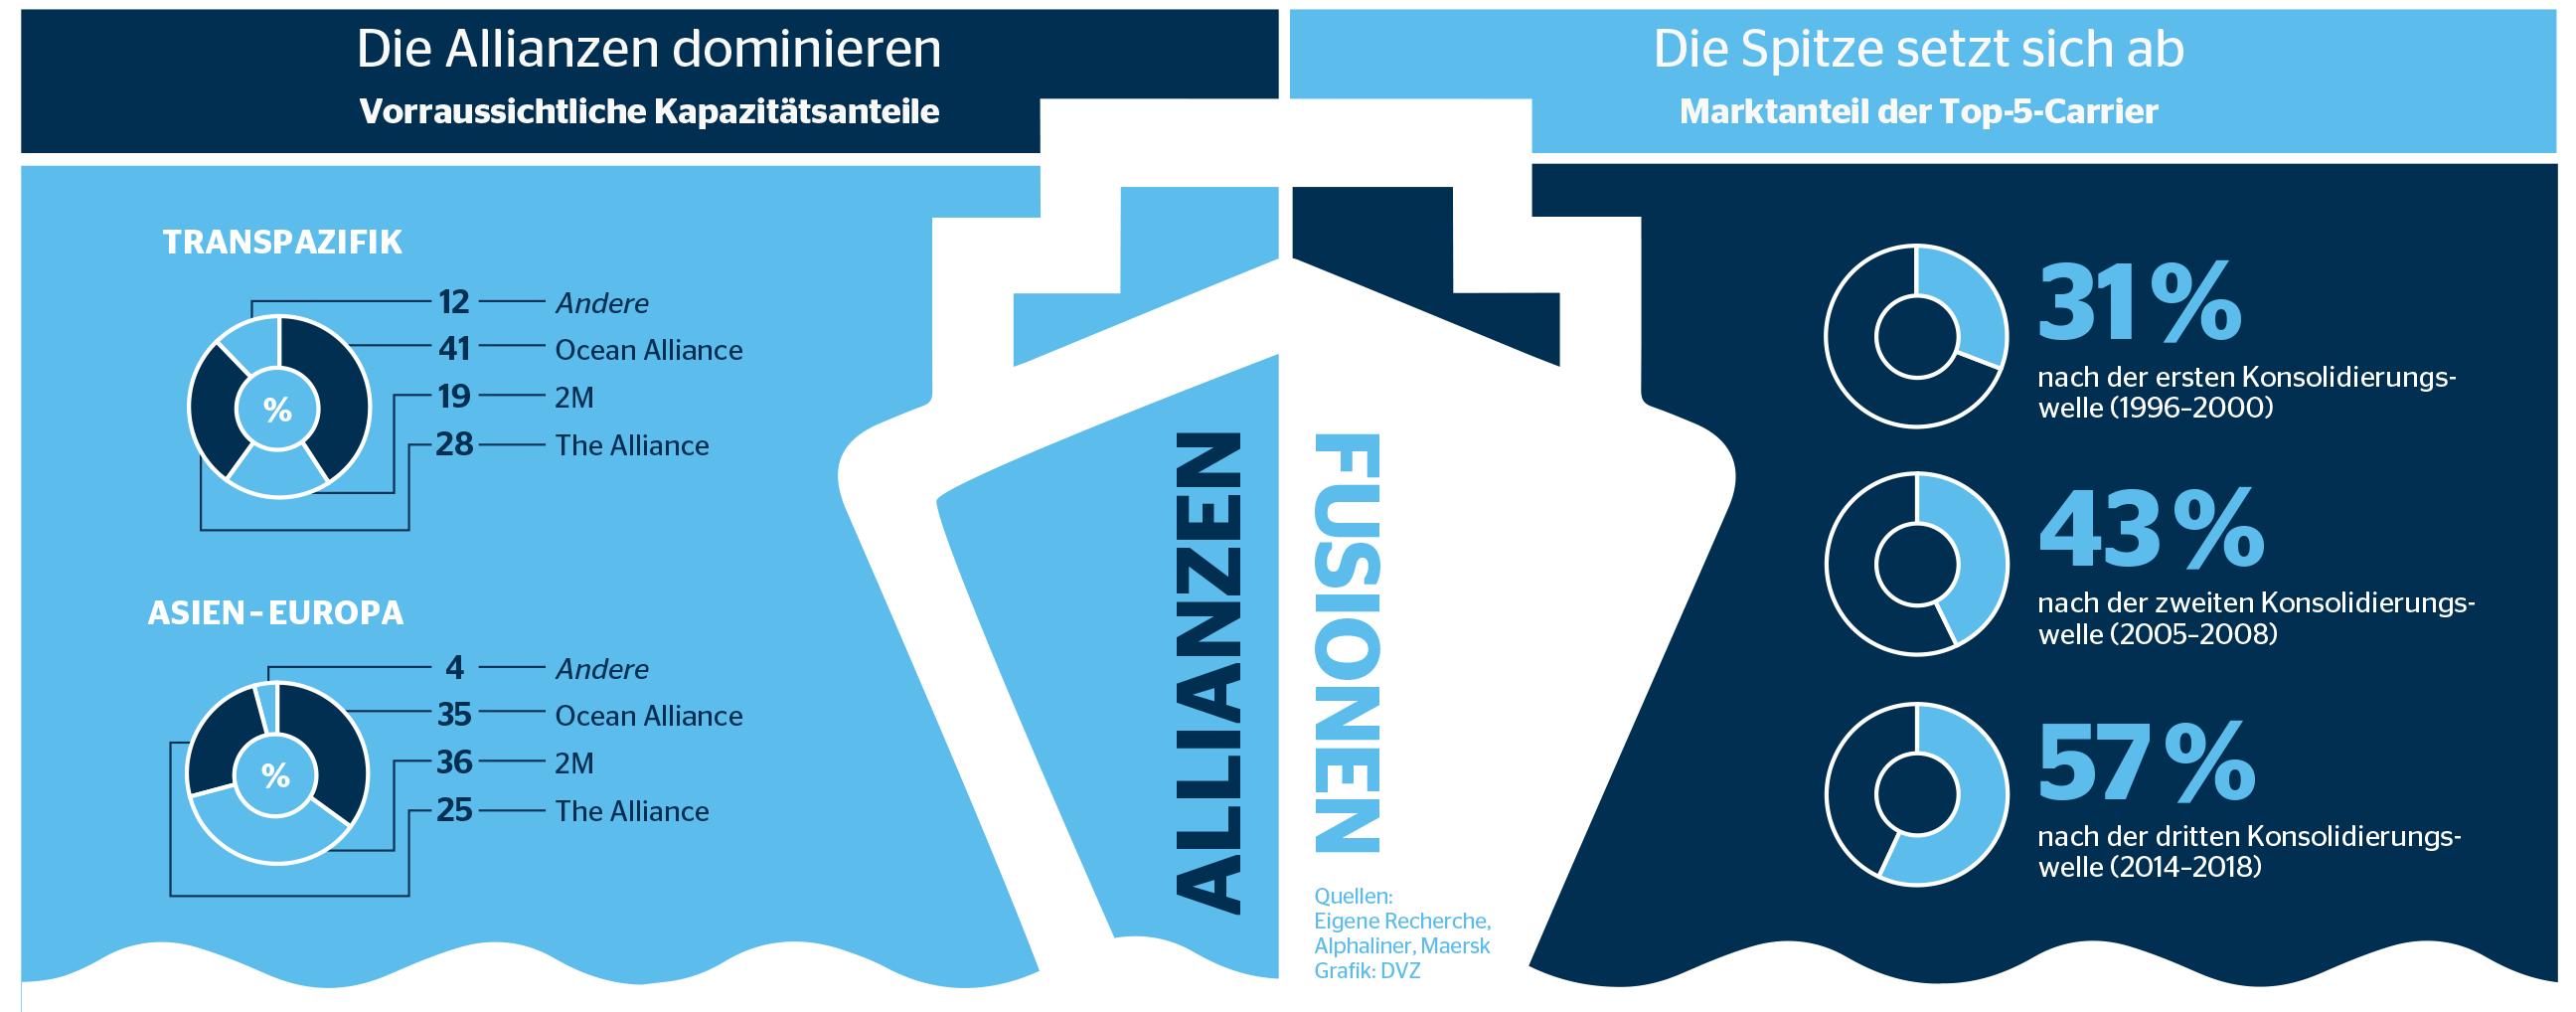 allianzen-fusionen-grafik-unten2